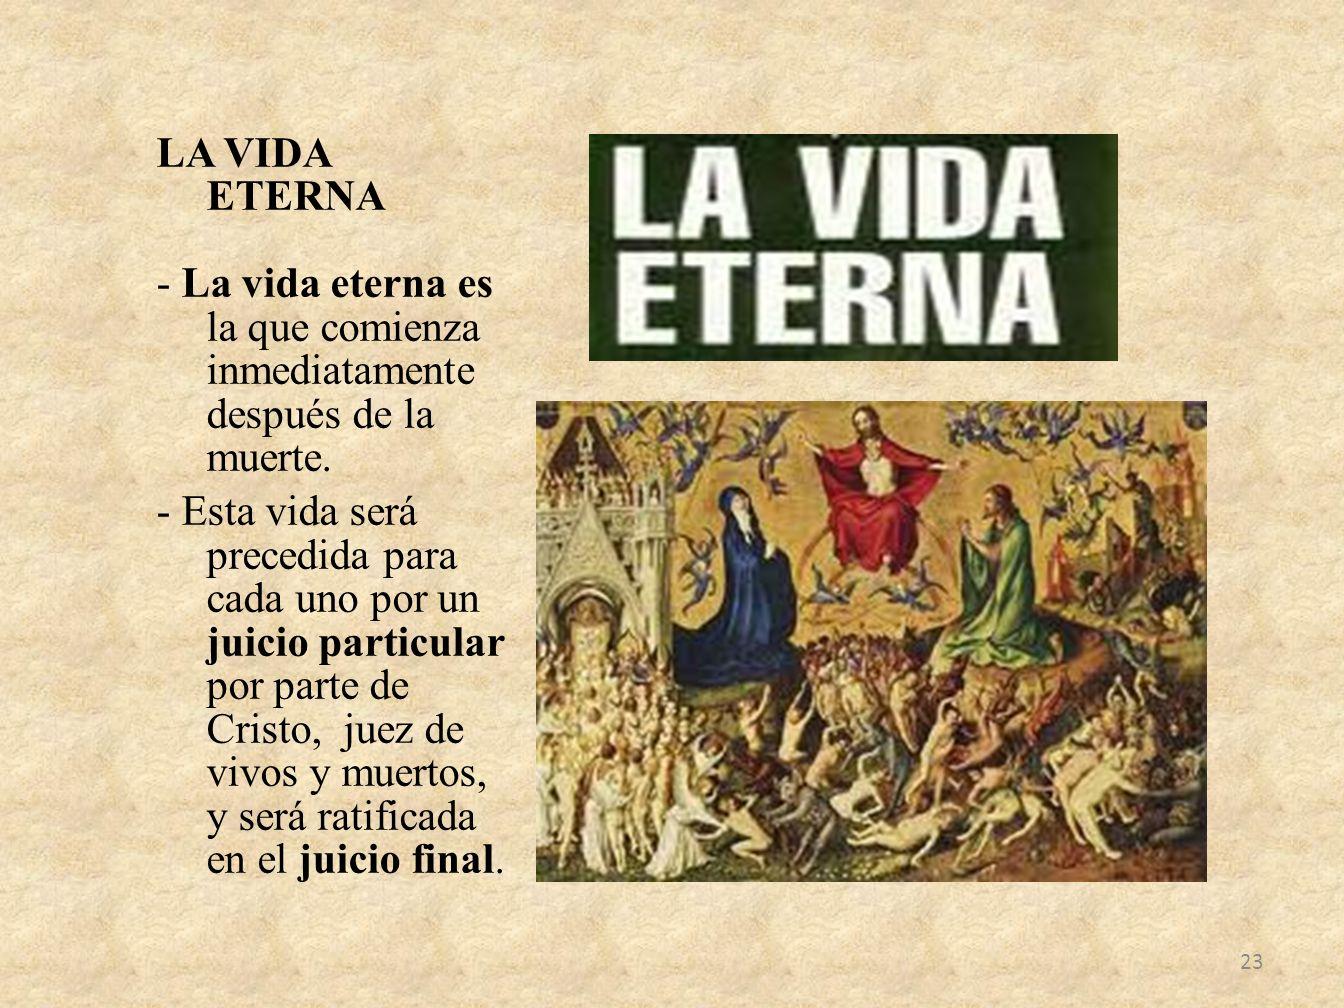 LA VIDA ETERNA - La vida eterna es la que comienza inmediatamente después de la muerte. - Esta vida será precedida para cada uno por un juicio particu